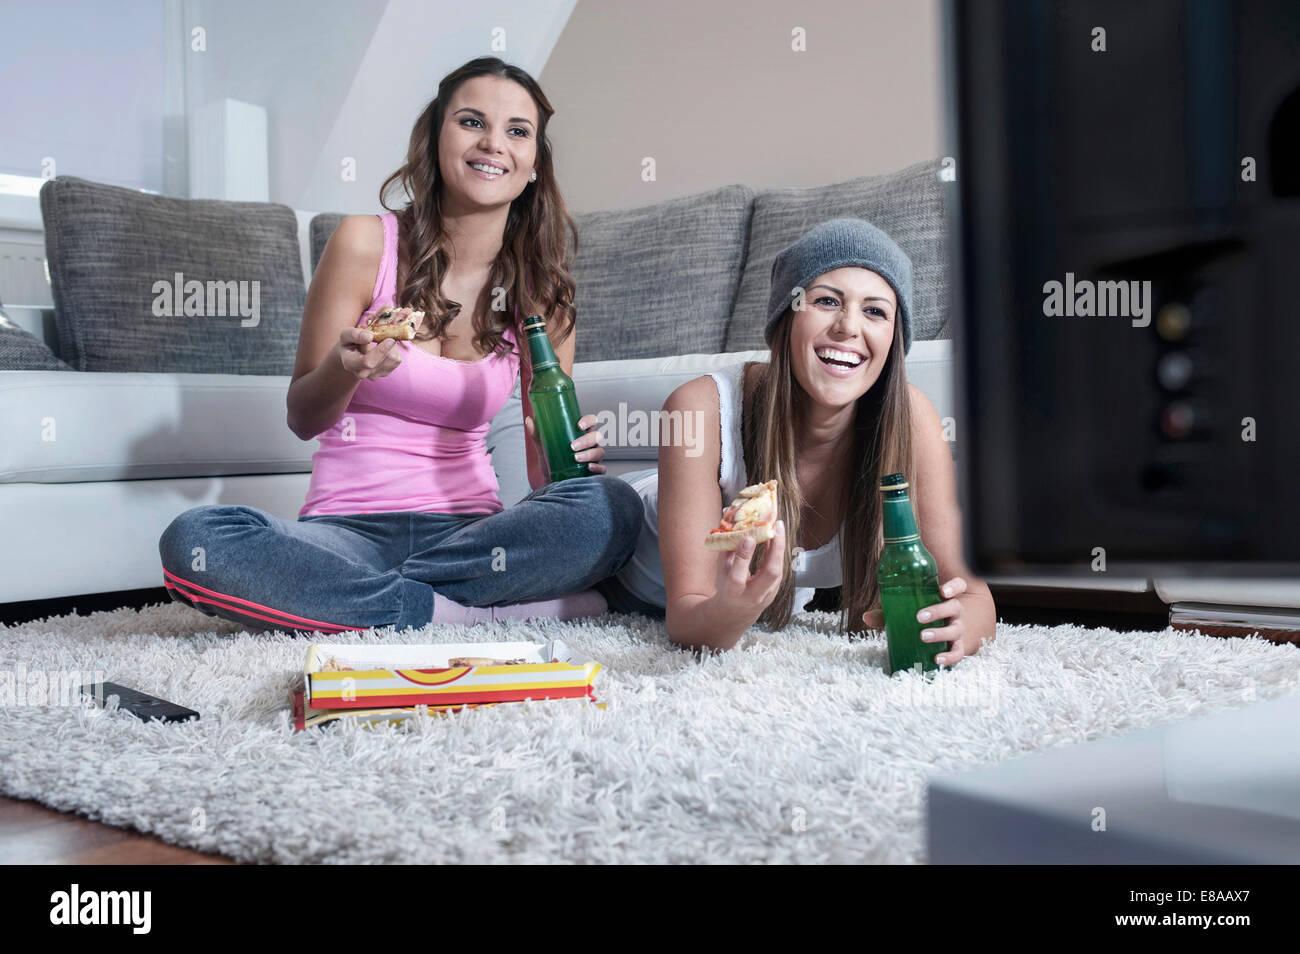 Deux amies côte à côte sur un tapis à la maison à regarder la télévision Photo Stock